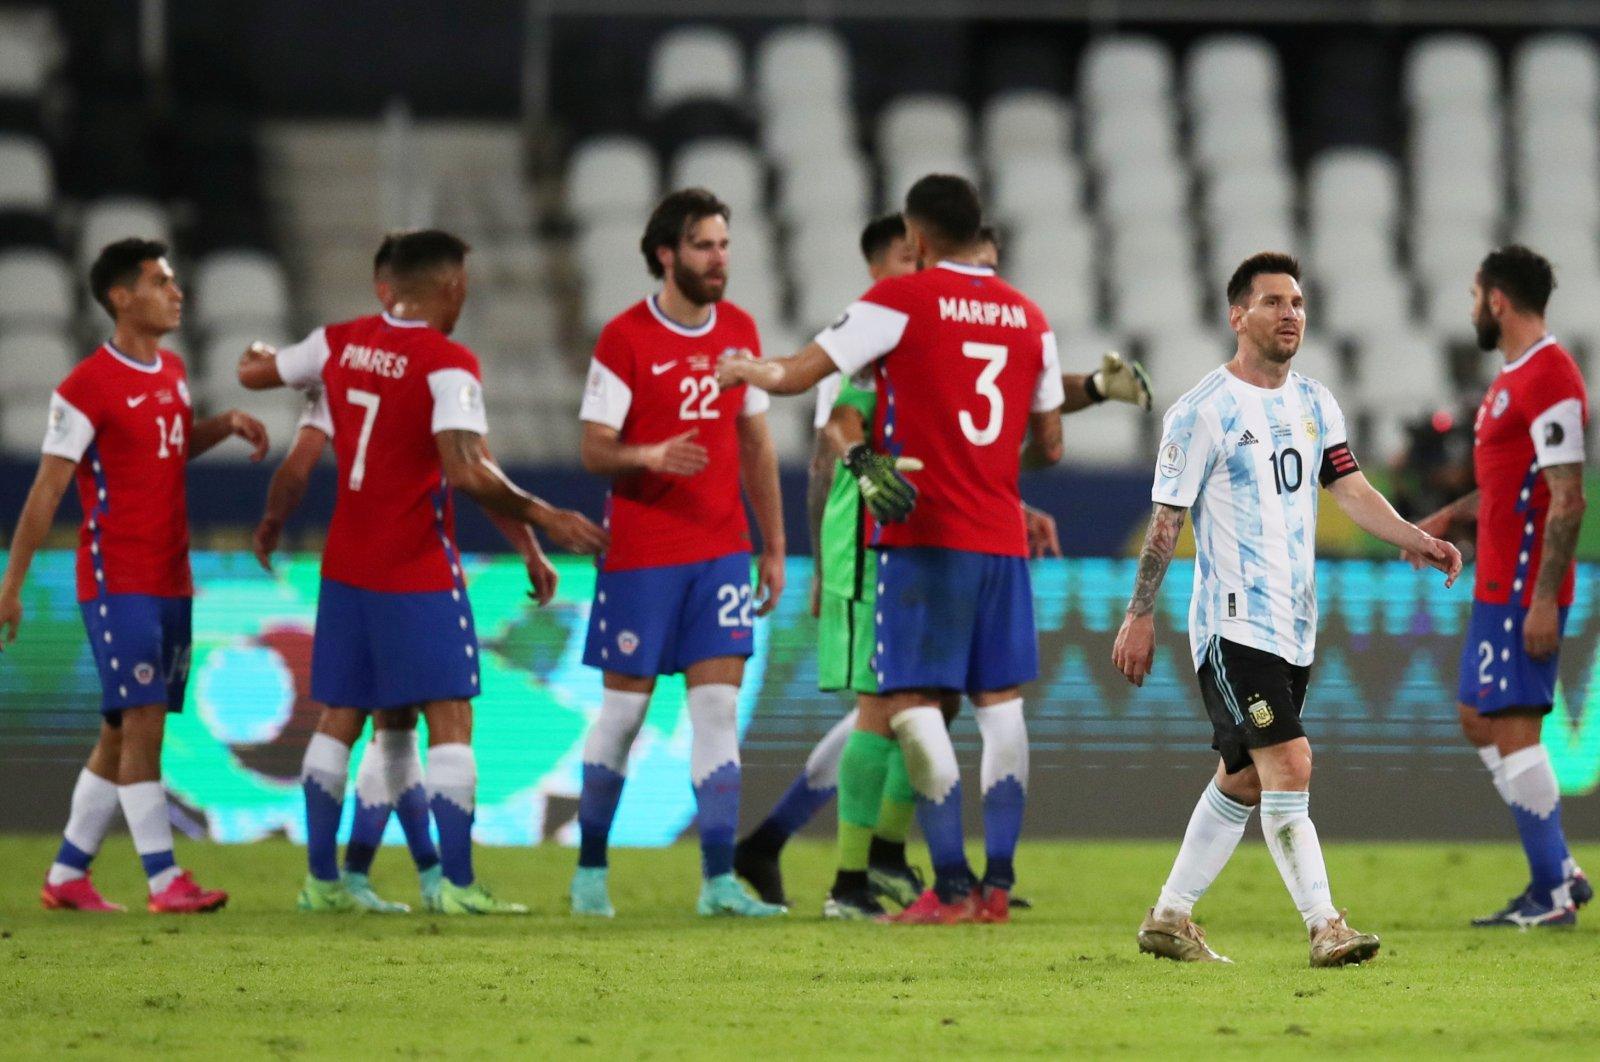 Lionel Messi (2nd R) looks dejected after Argentina's Copa America match against Chile, Estadio Nilton Santos, Rio de Janeiro, Brazil, June 14, 2021. (Reuters Photo)